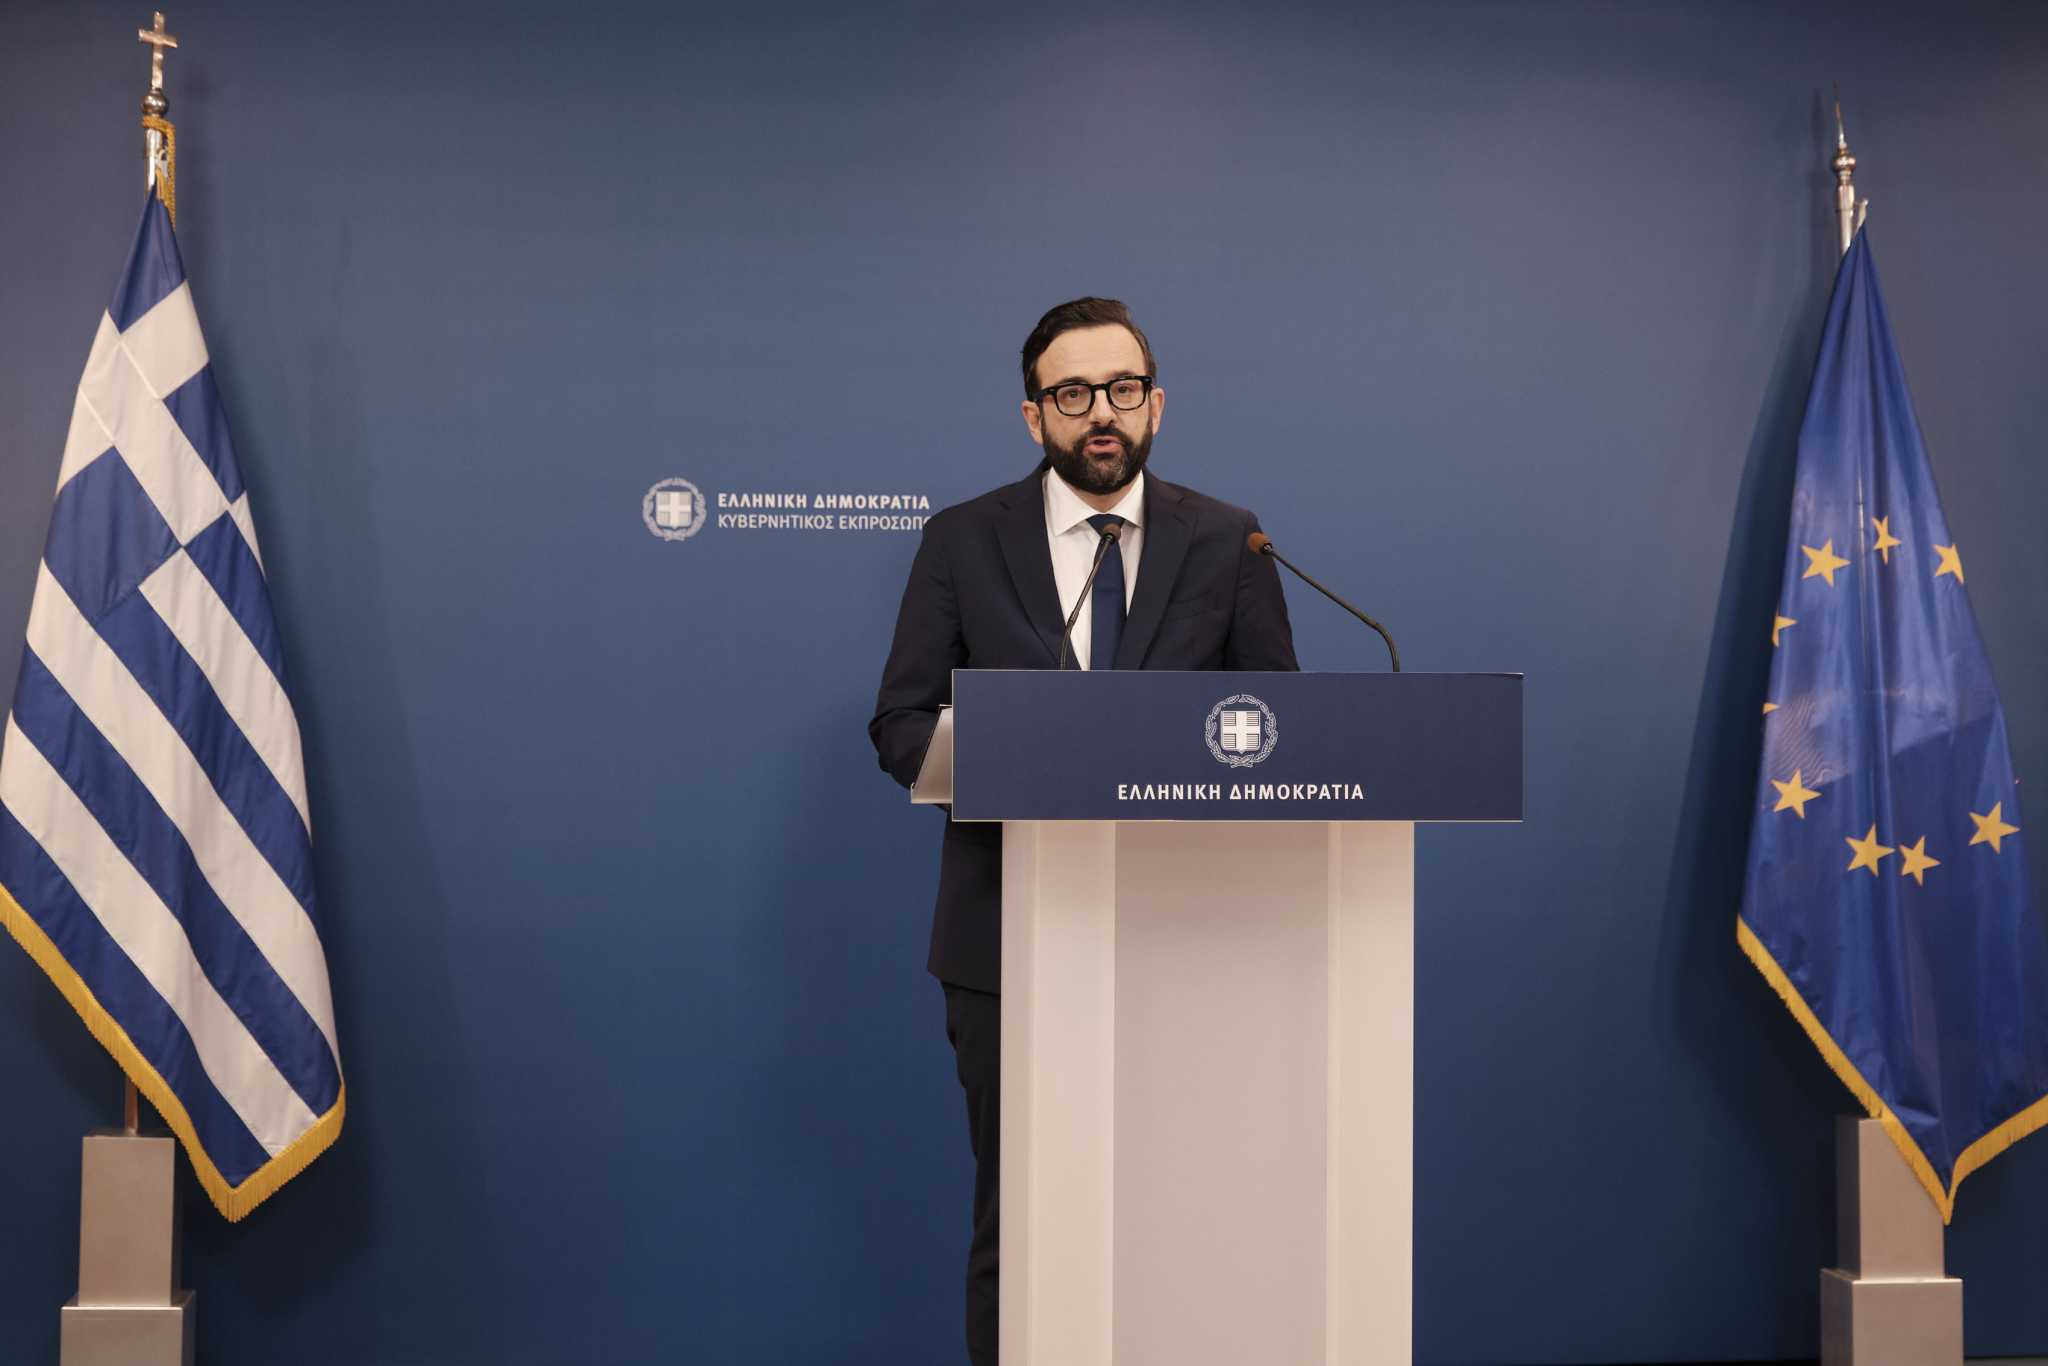 Κυβέρνηση για Ικαρία: Διχαστικός ο Τσίπρας – Θα φροντίσουμε να μην ξαναδημιουργηθεί εσφαλμένη εικόνα